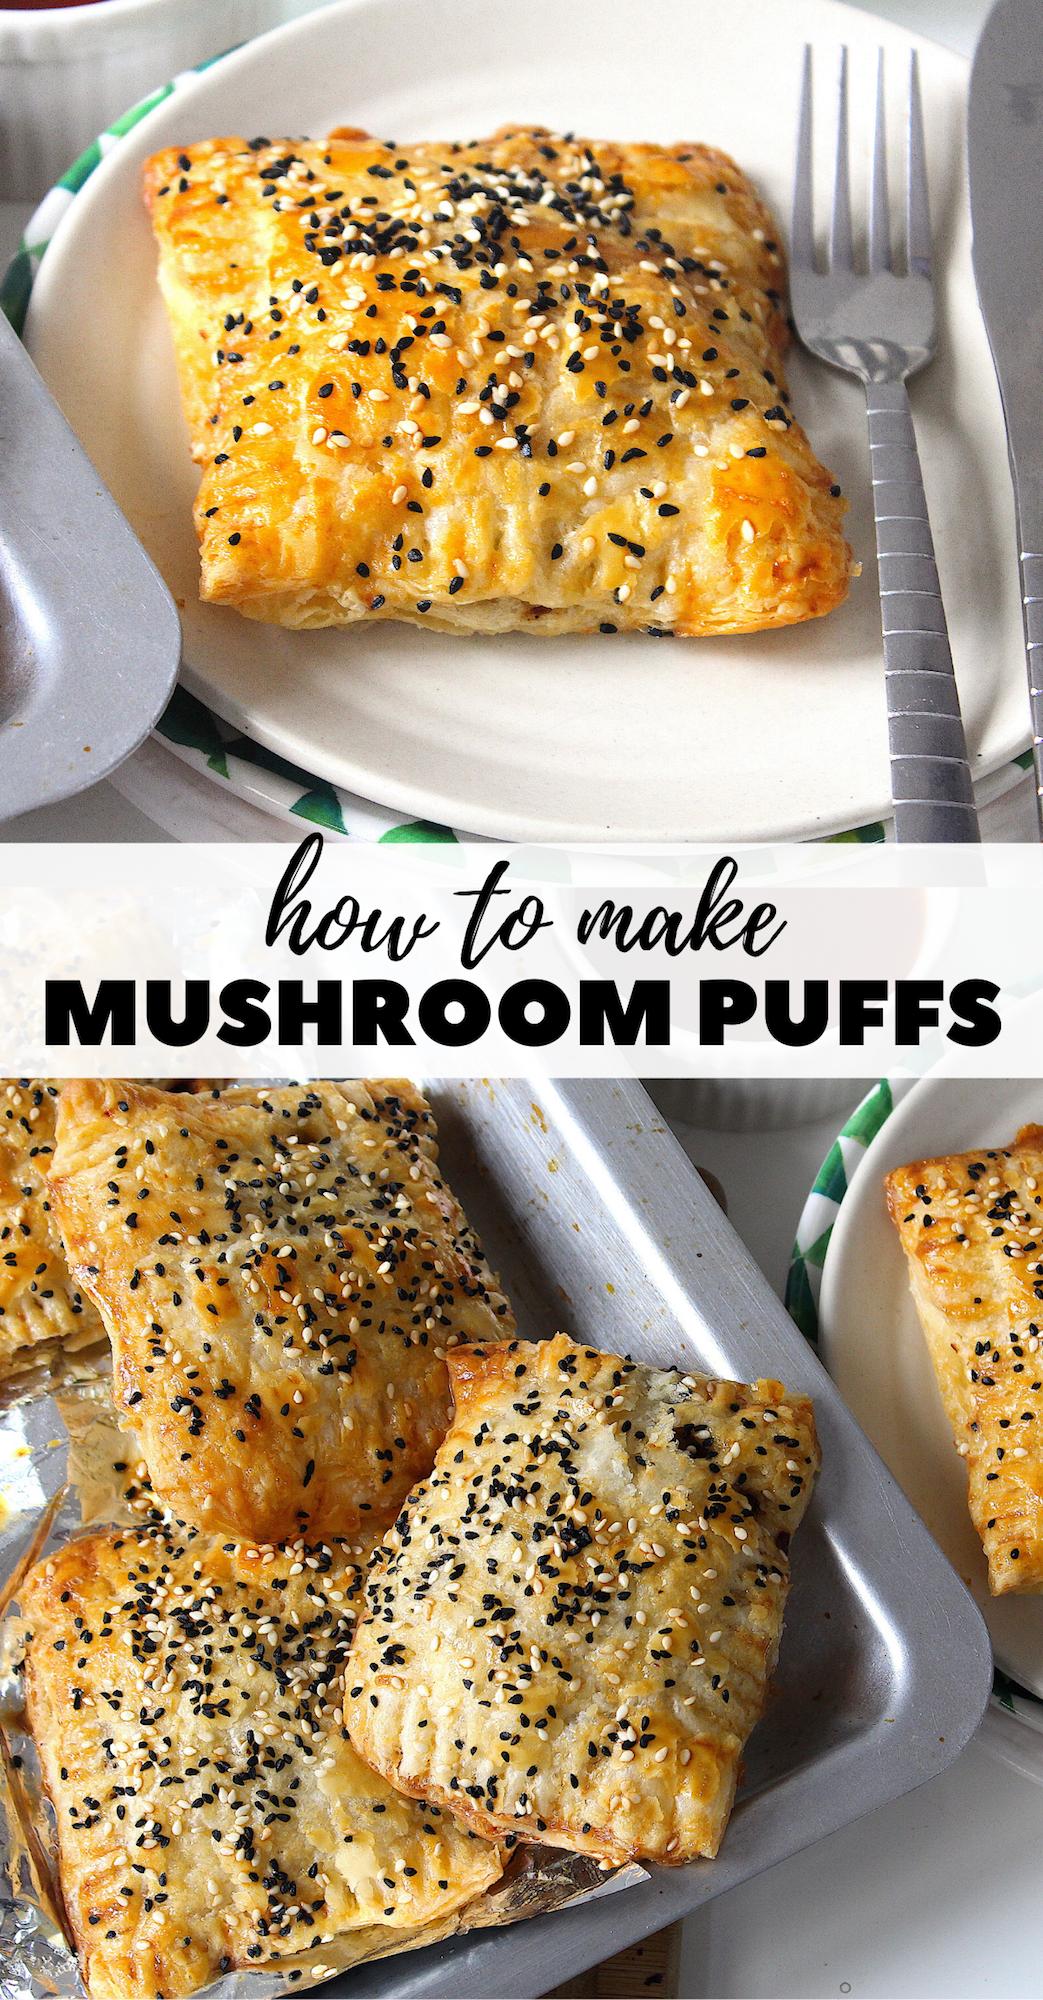 Mushroom Puffs